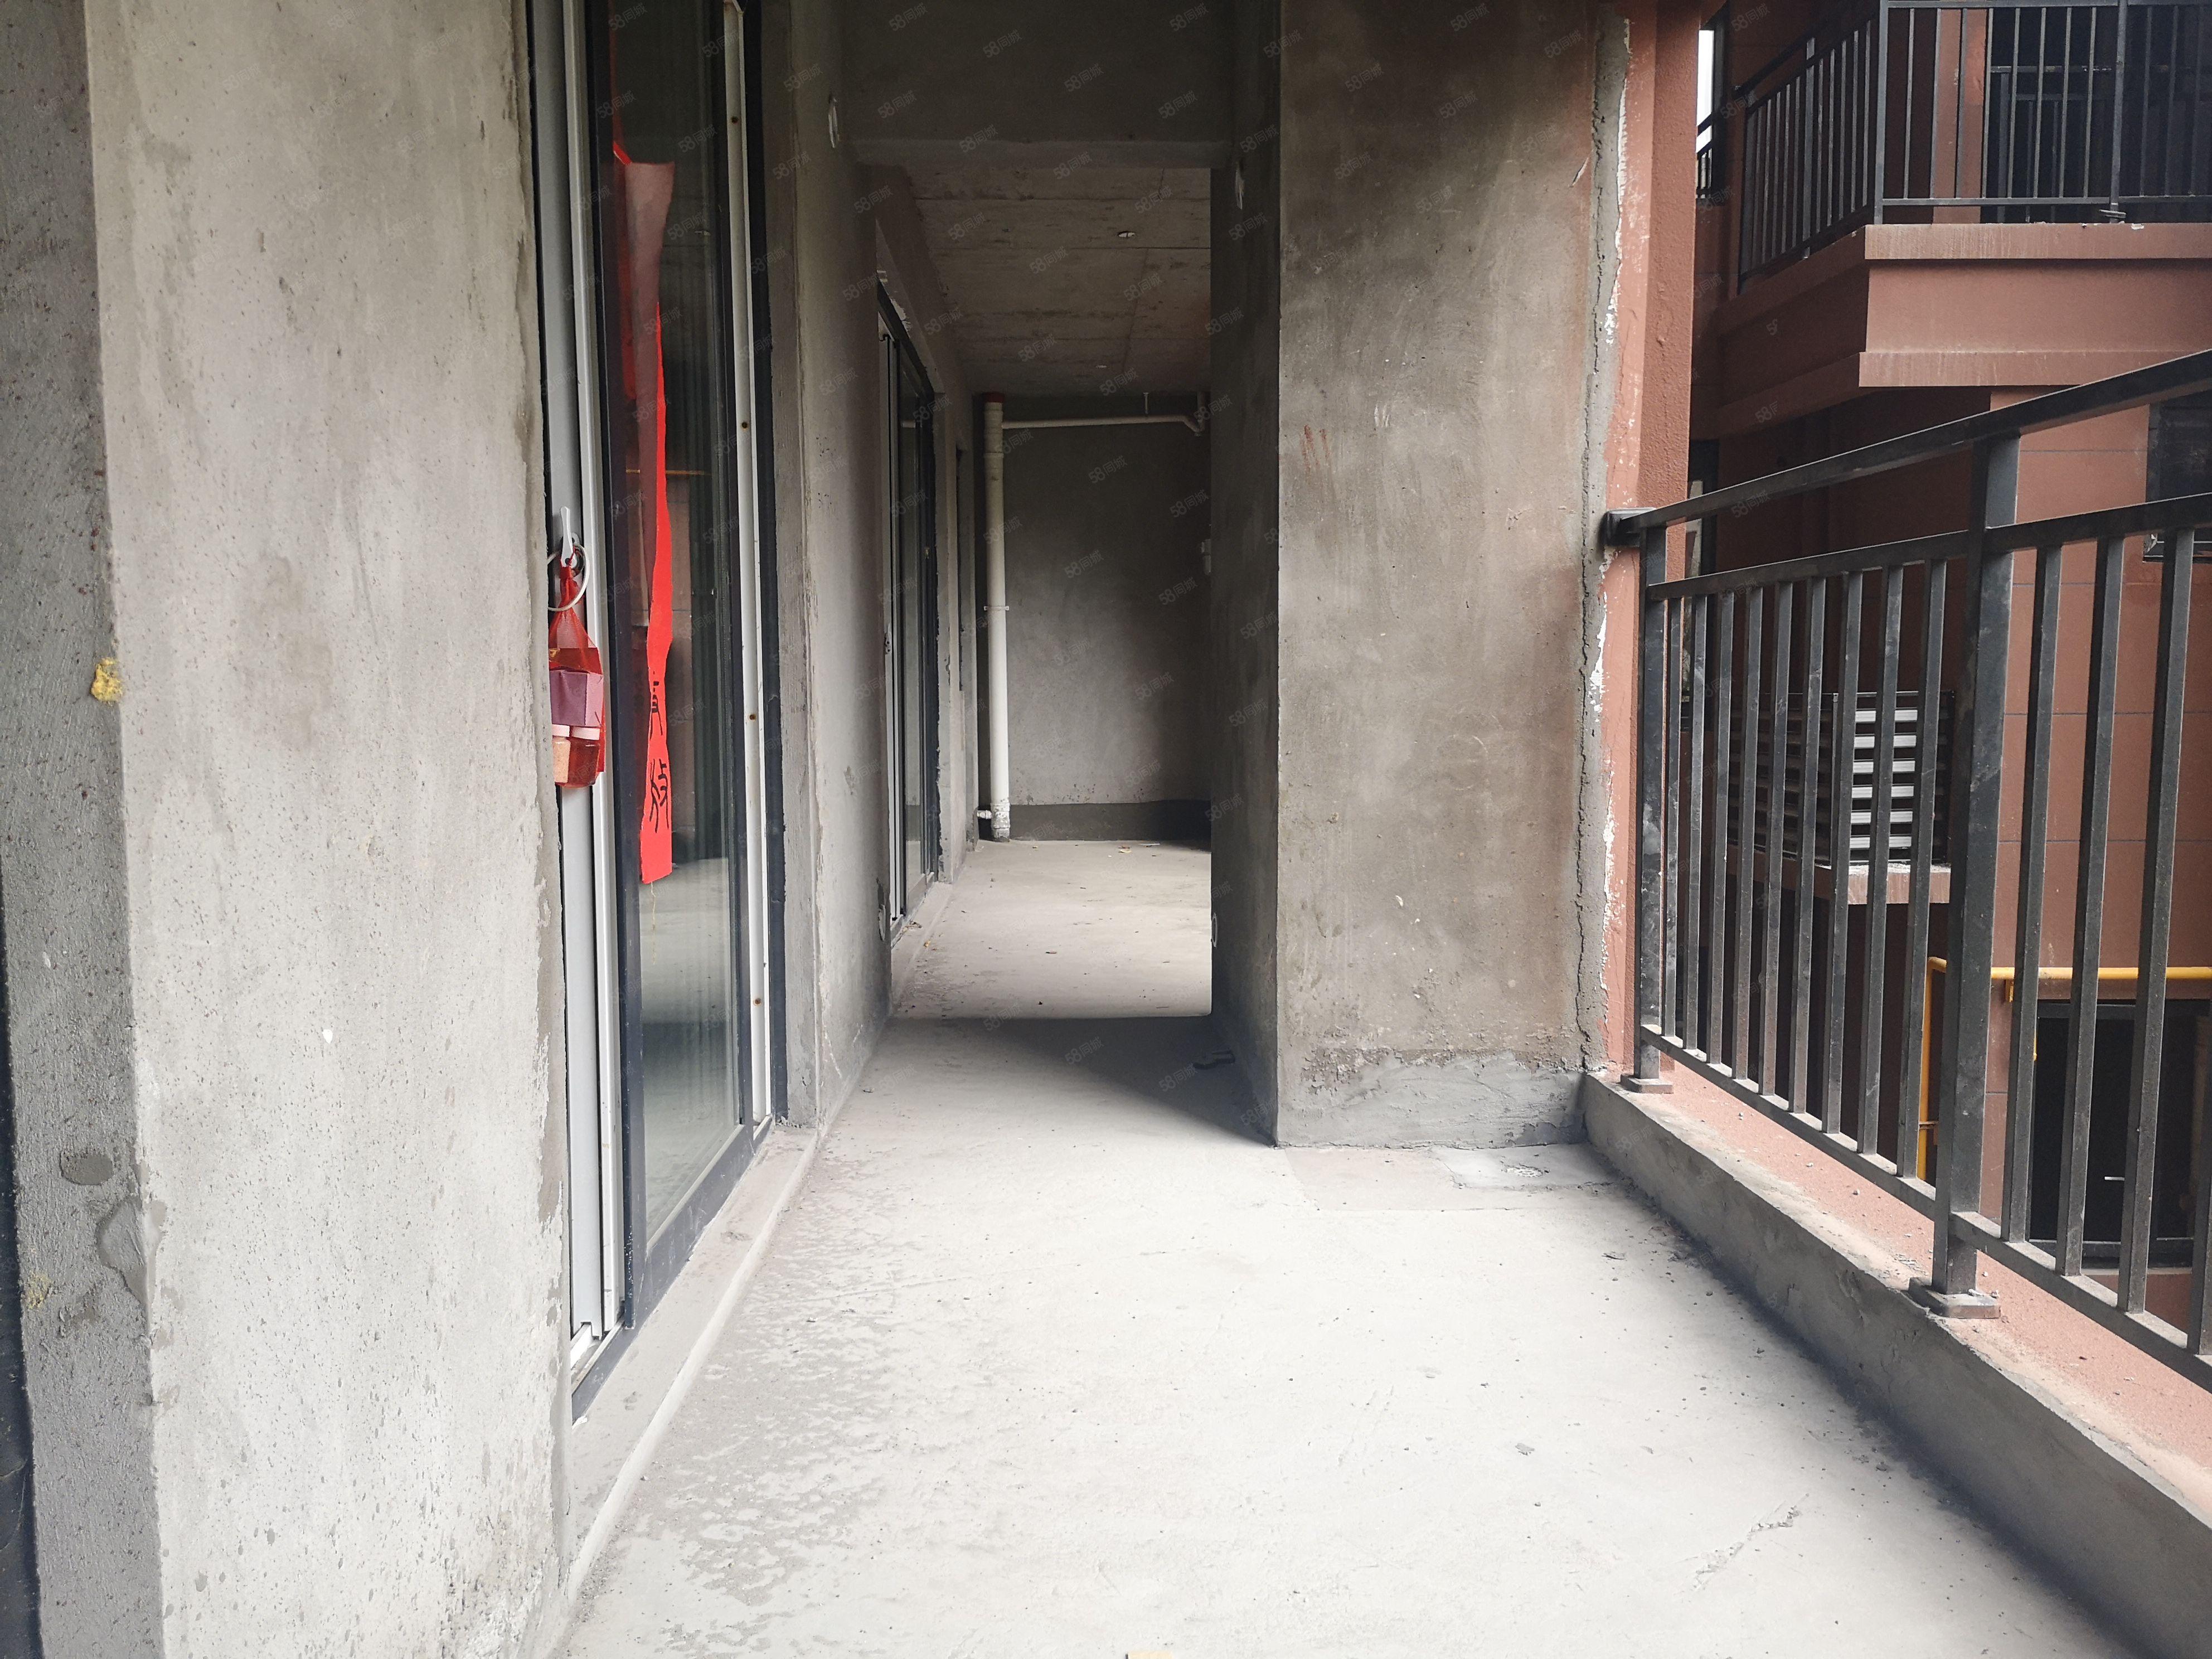 金桥新区天鹅湖纯中庭4房主卧阳台连通厨房仅售4000